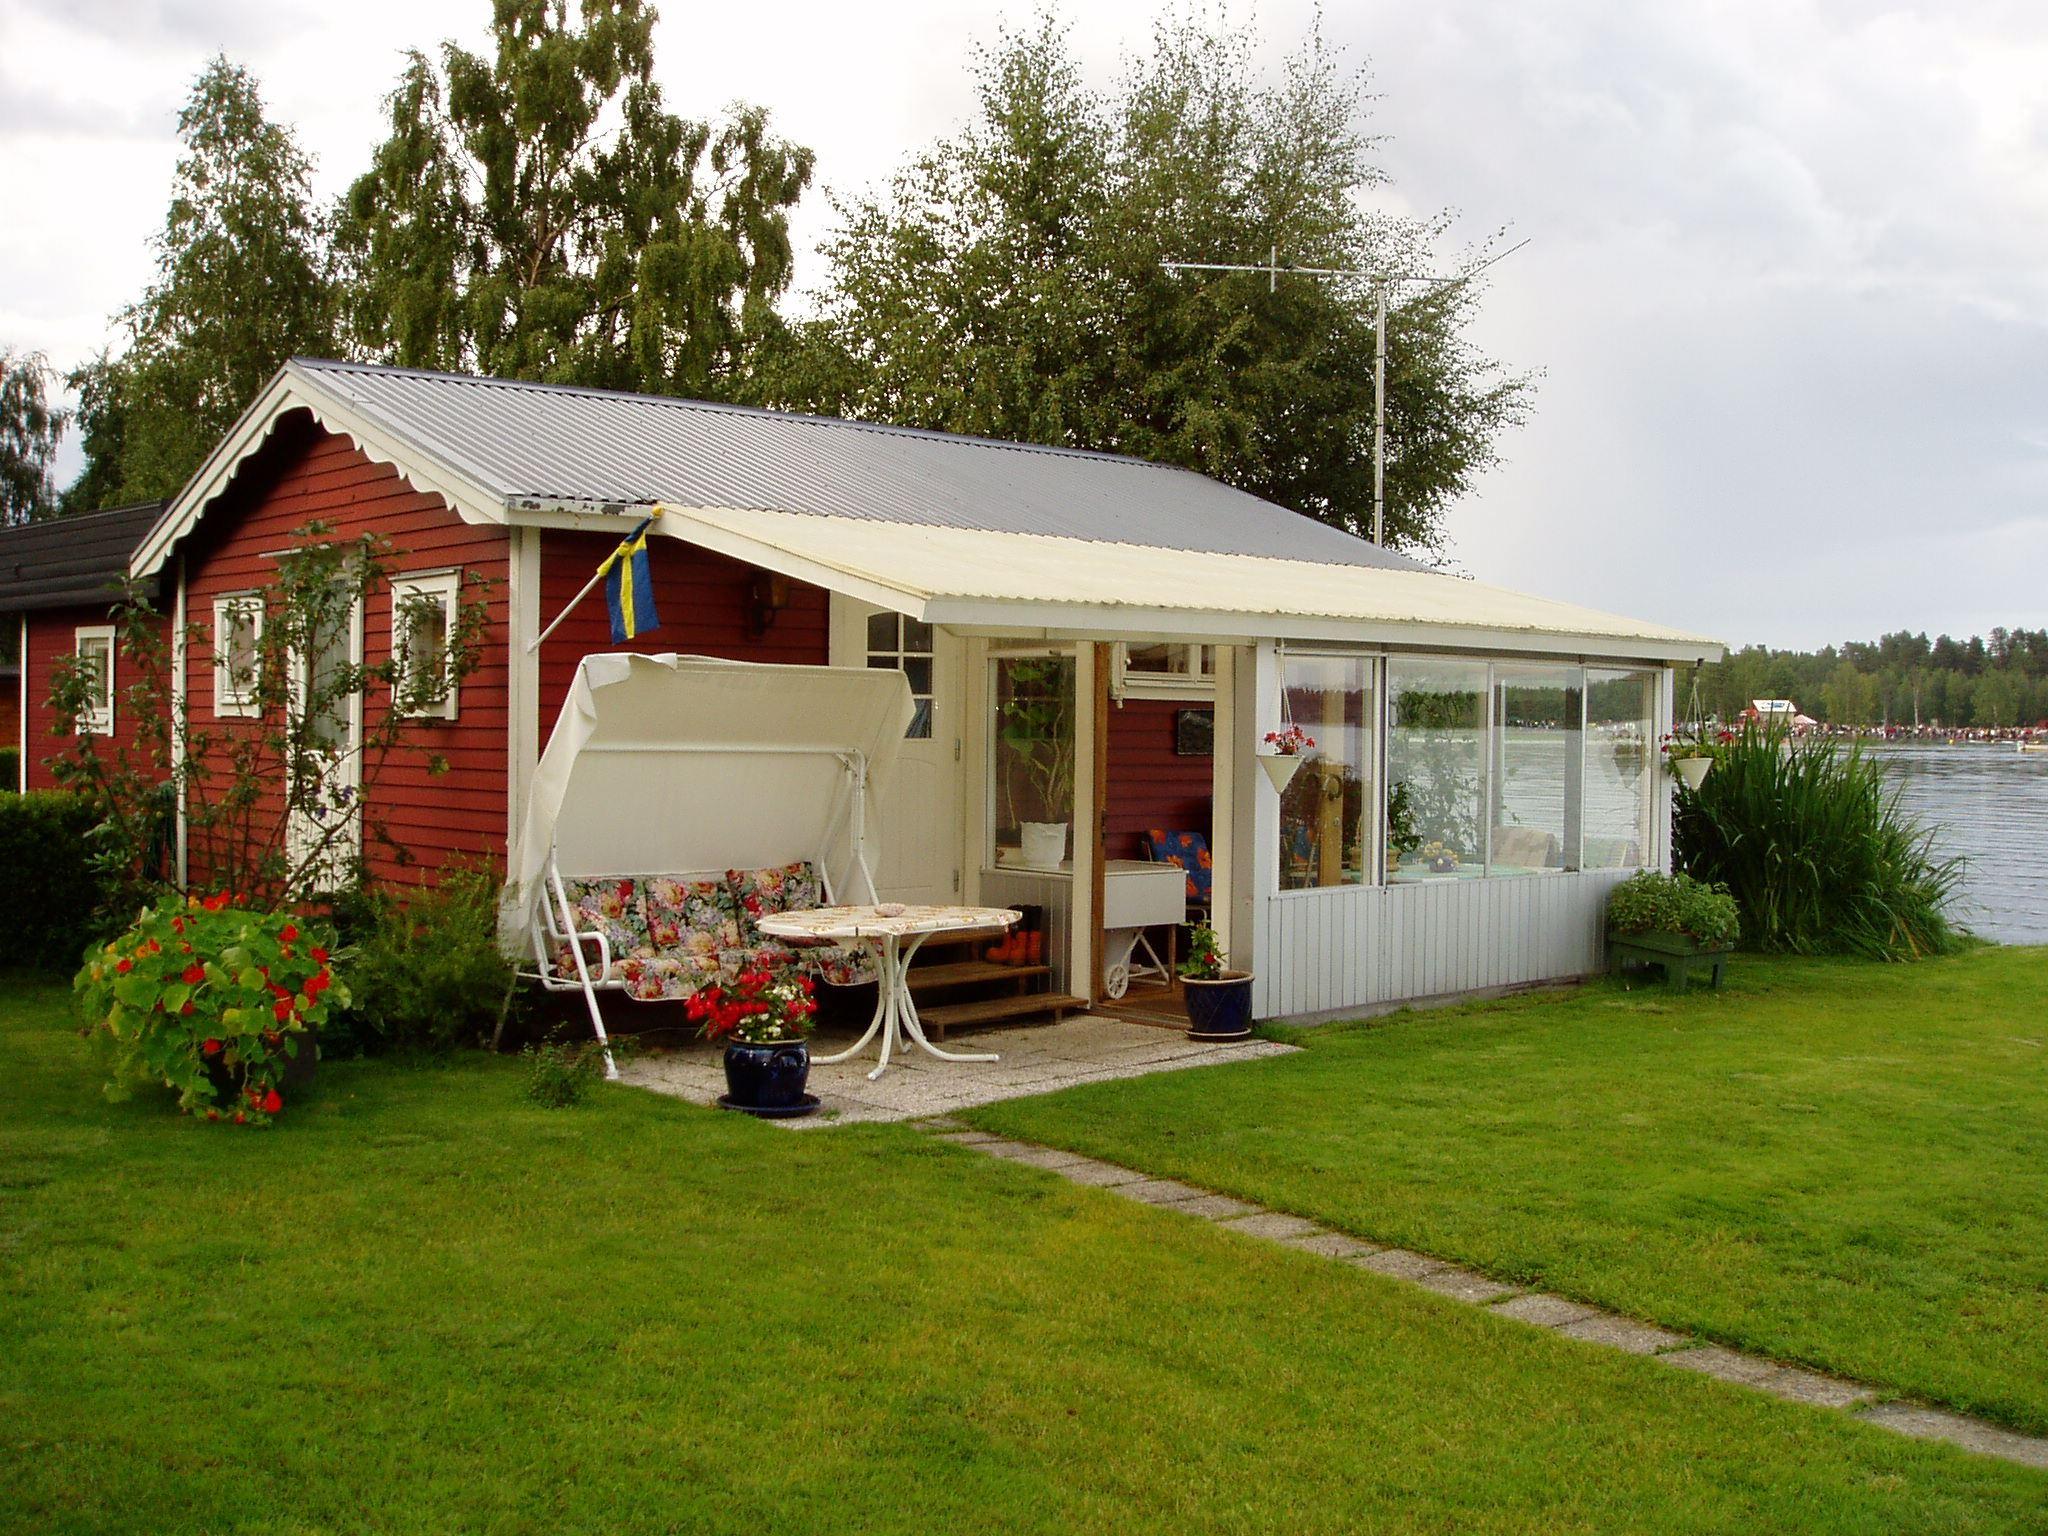 Ferienhaus in Stöcksjö, Privat